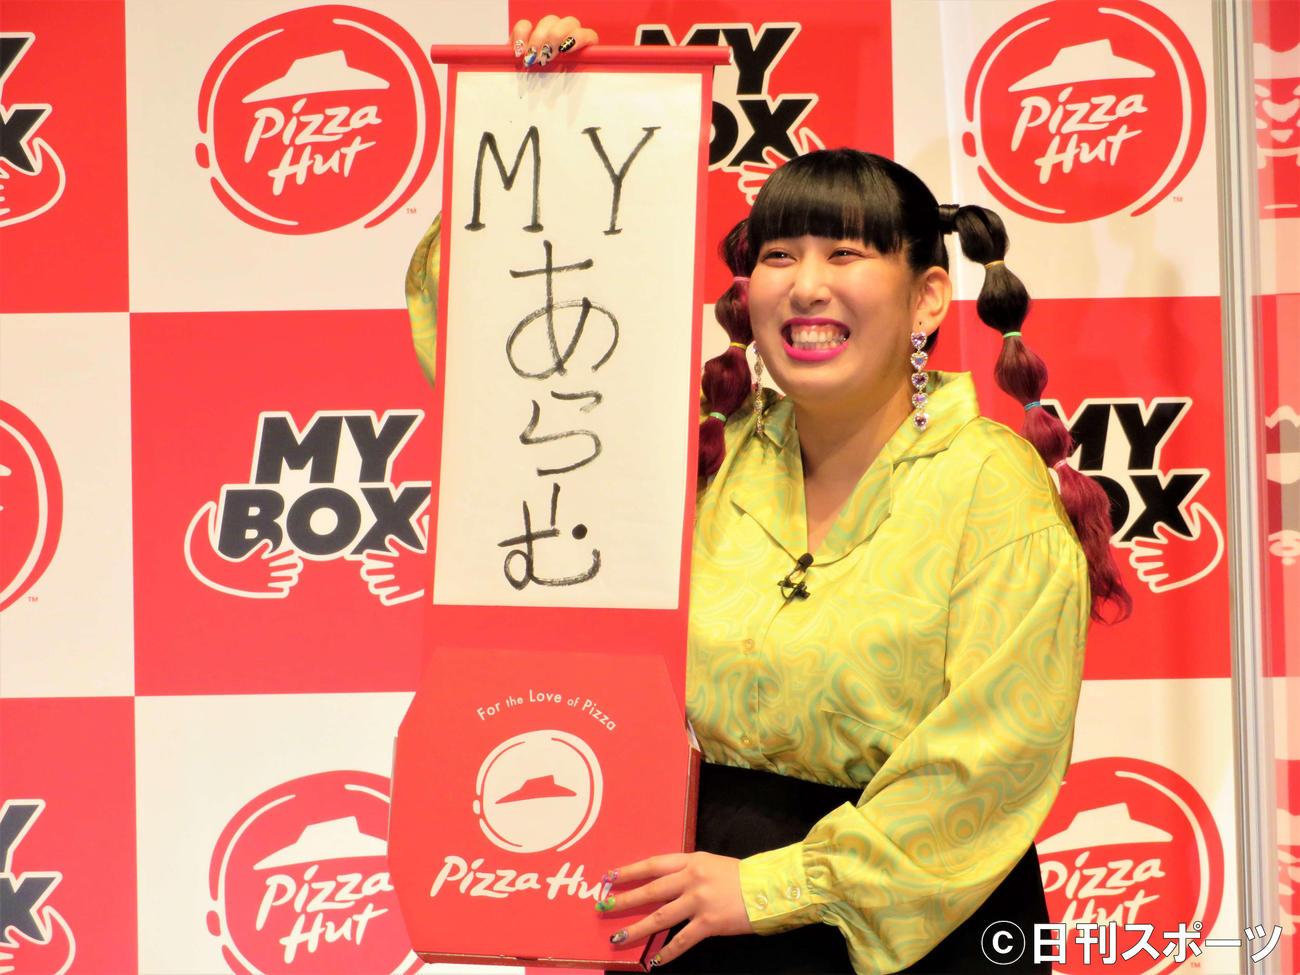 「ピザハット」が展開するおひとりさま専用のピザセット「MY BOX」の発売記念イベントに出席したゆめっち(撮影・三須佳夏)